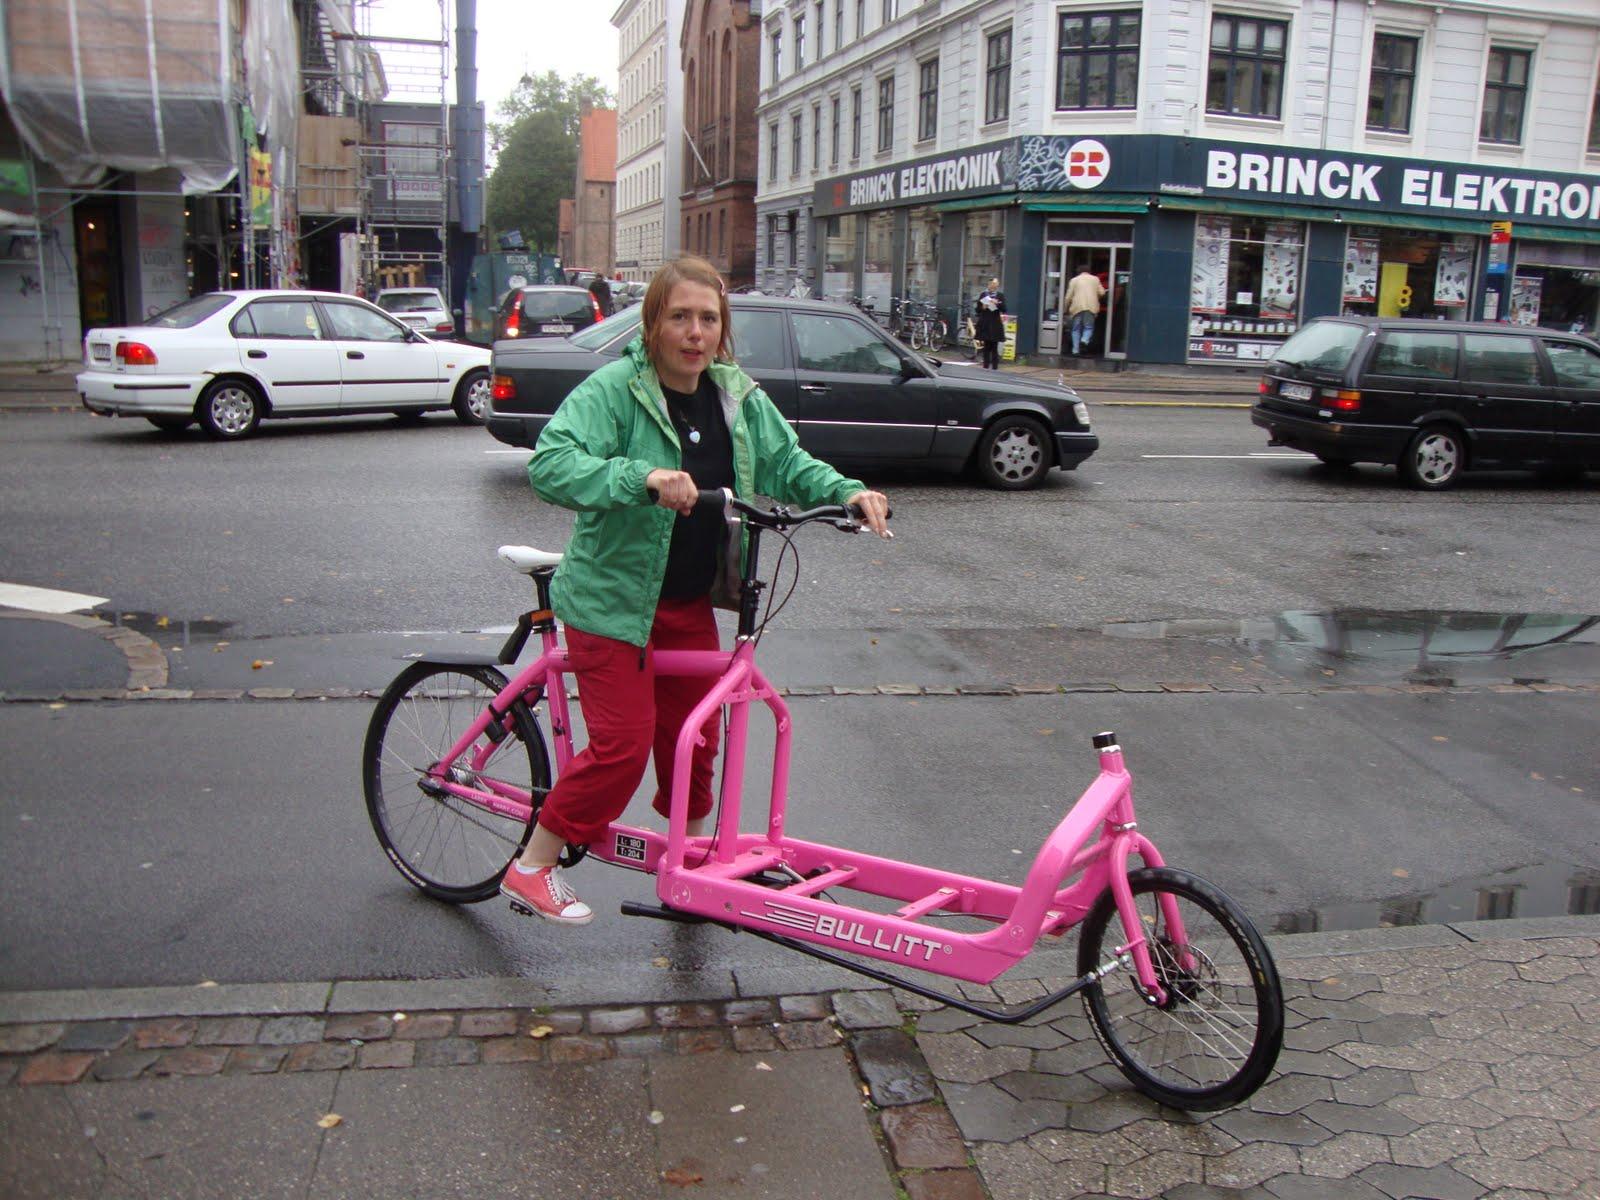 Ken Dale 2010 Travel Blog September 24th Kalundborg To